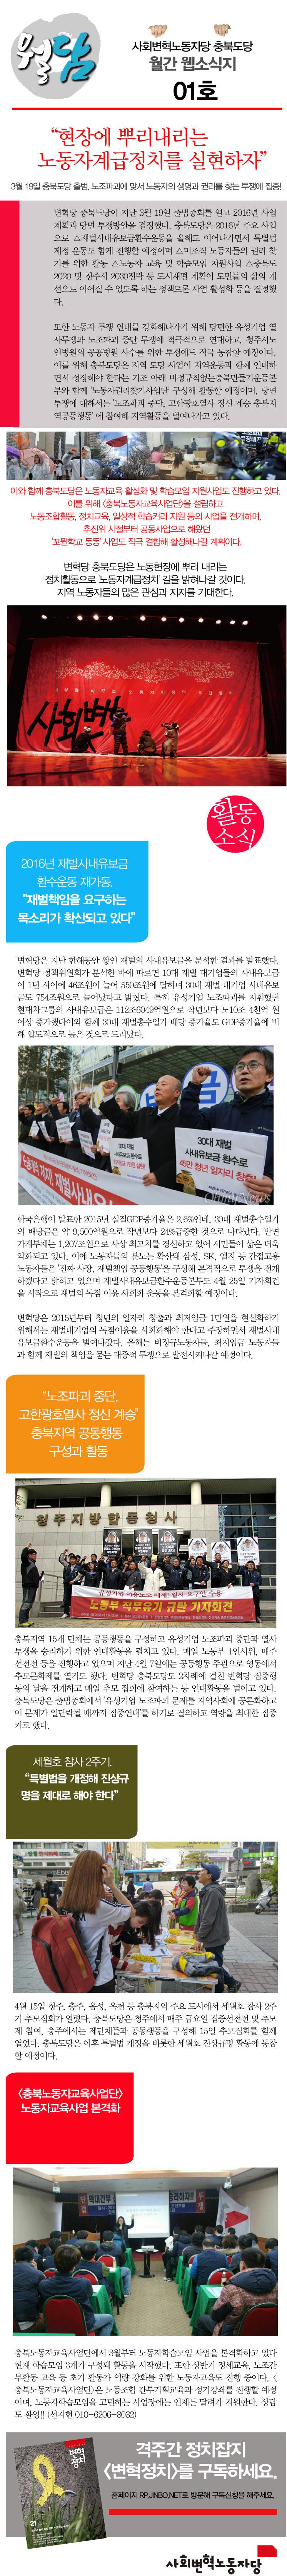 변혁당충북도당웹소식1호-20160421.jpg